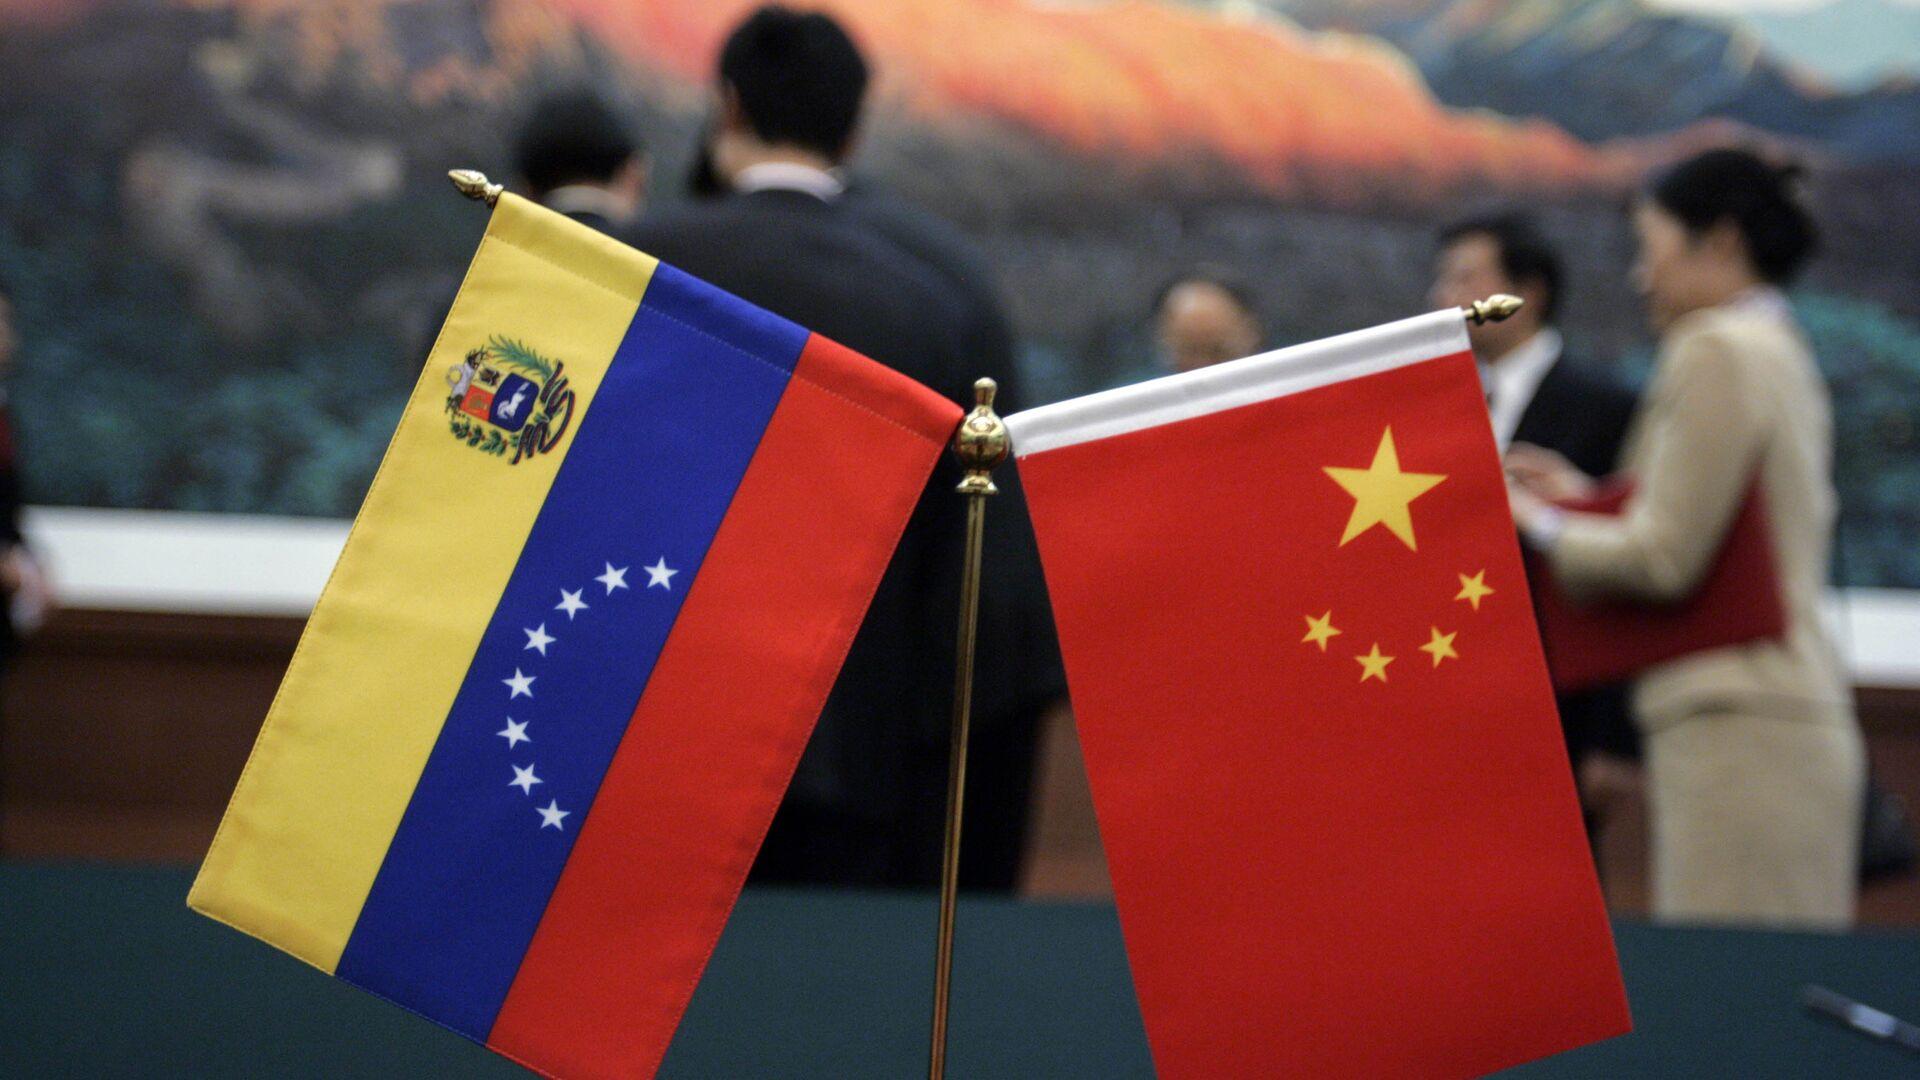 Banderas de Venezuela y China - Sputnik Mundo, 1920, 10.09.2021